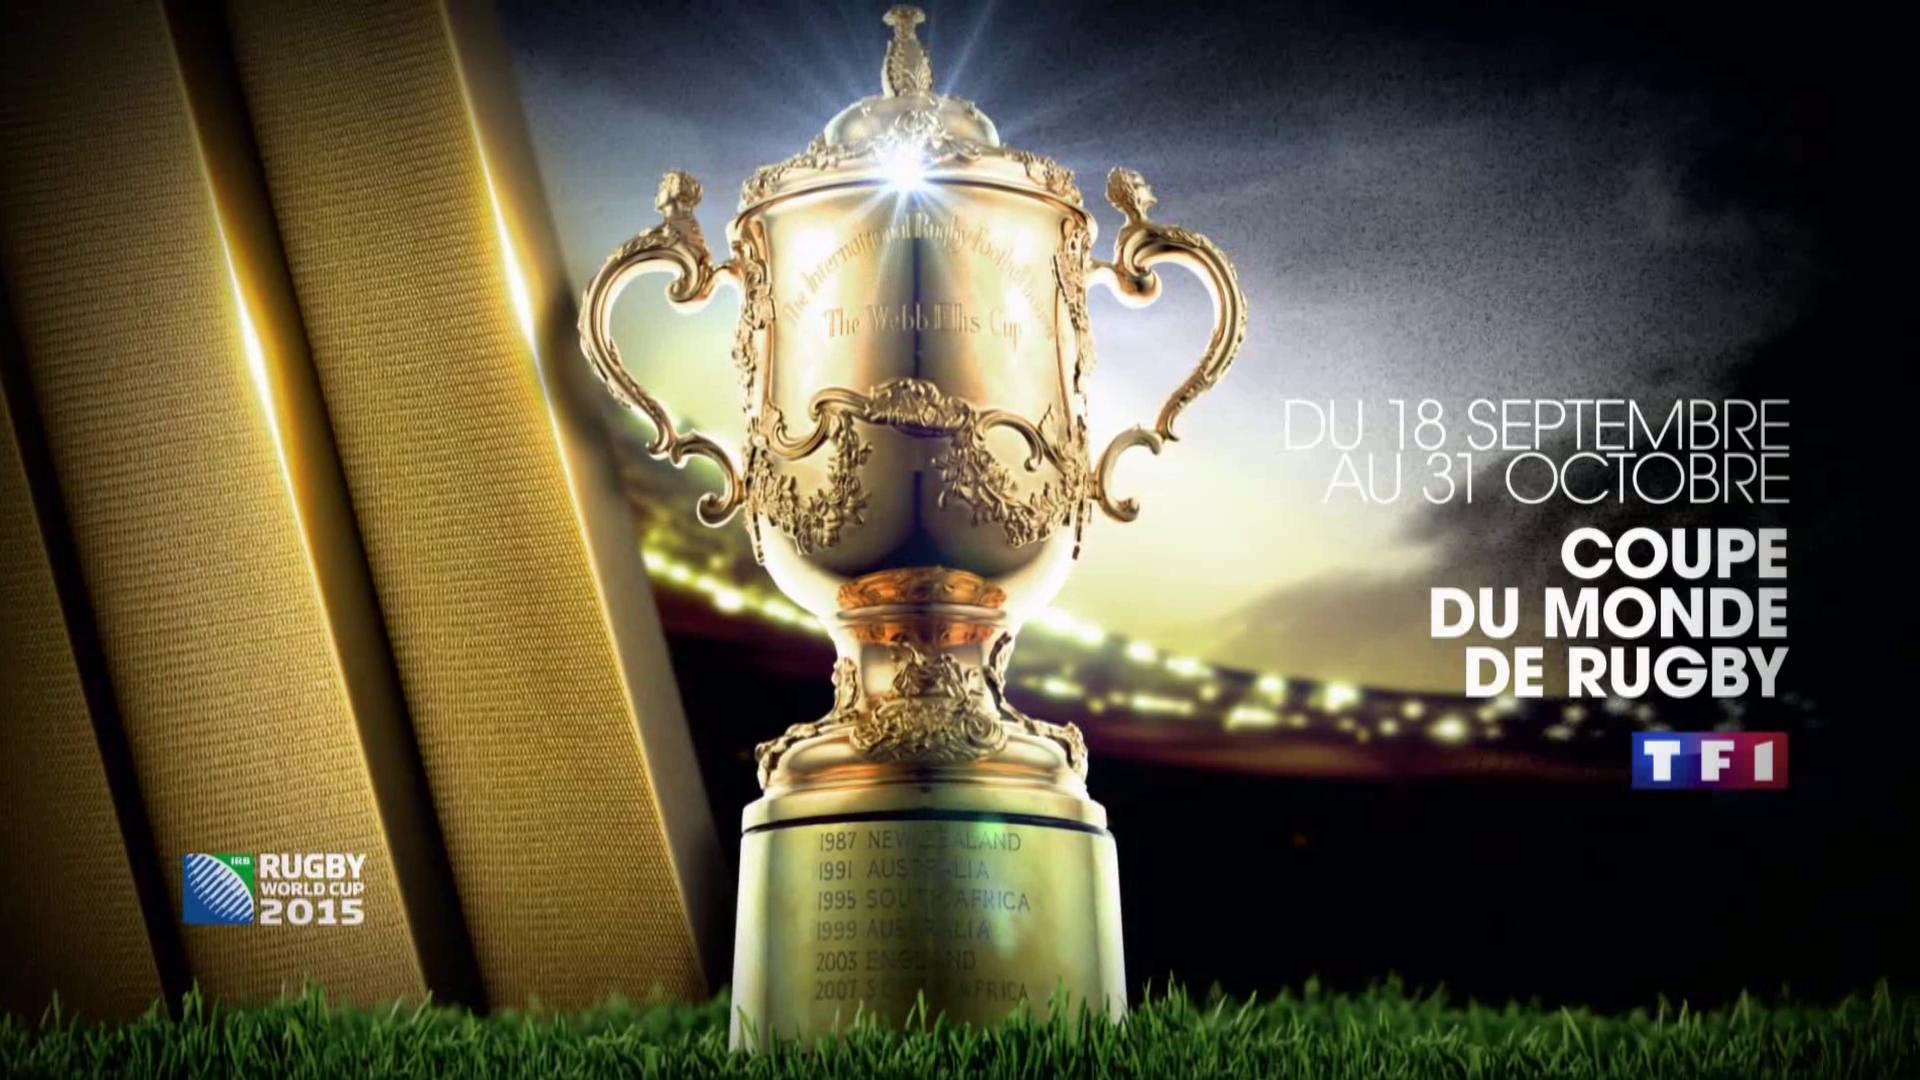 Vid o teaser coupe du monde de rugby tf1 2015 - Resultats coupe du monde 2015 rugby ...